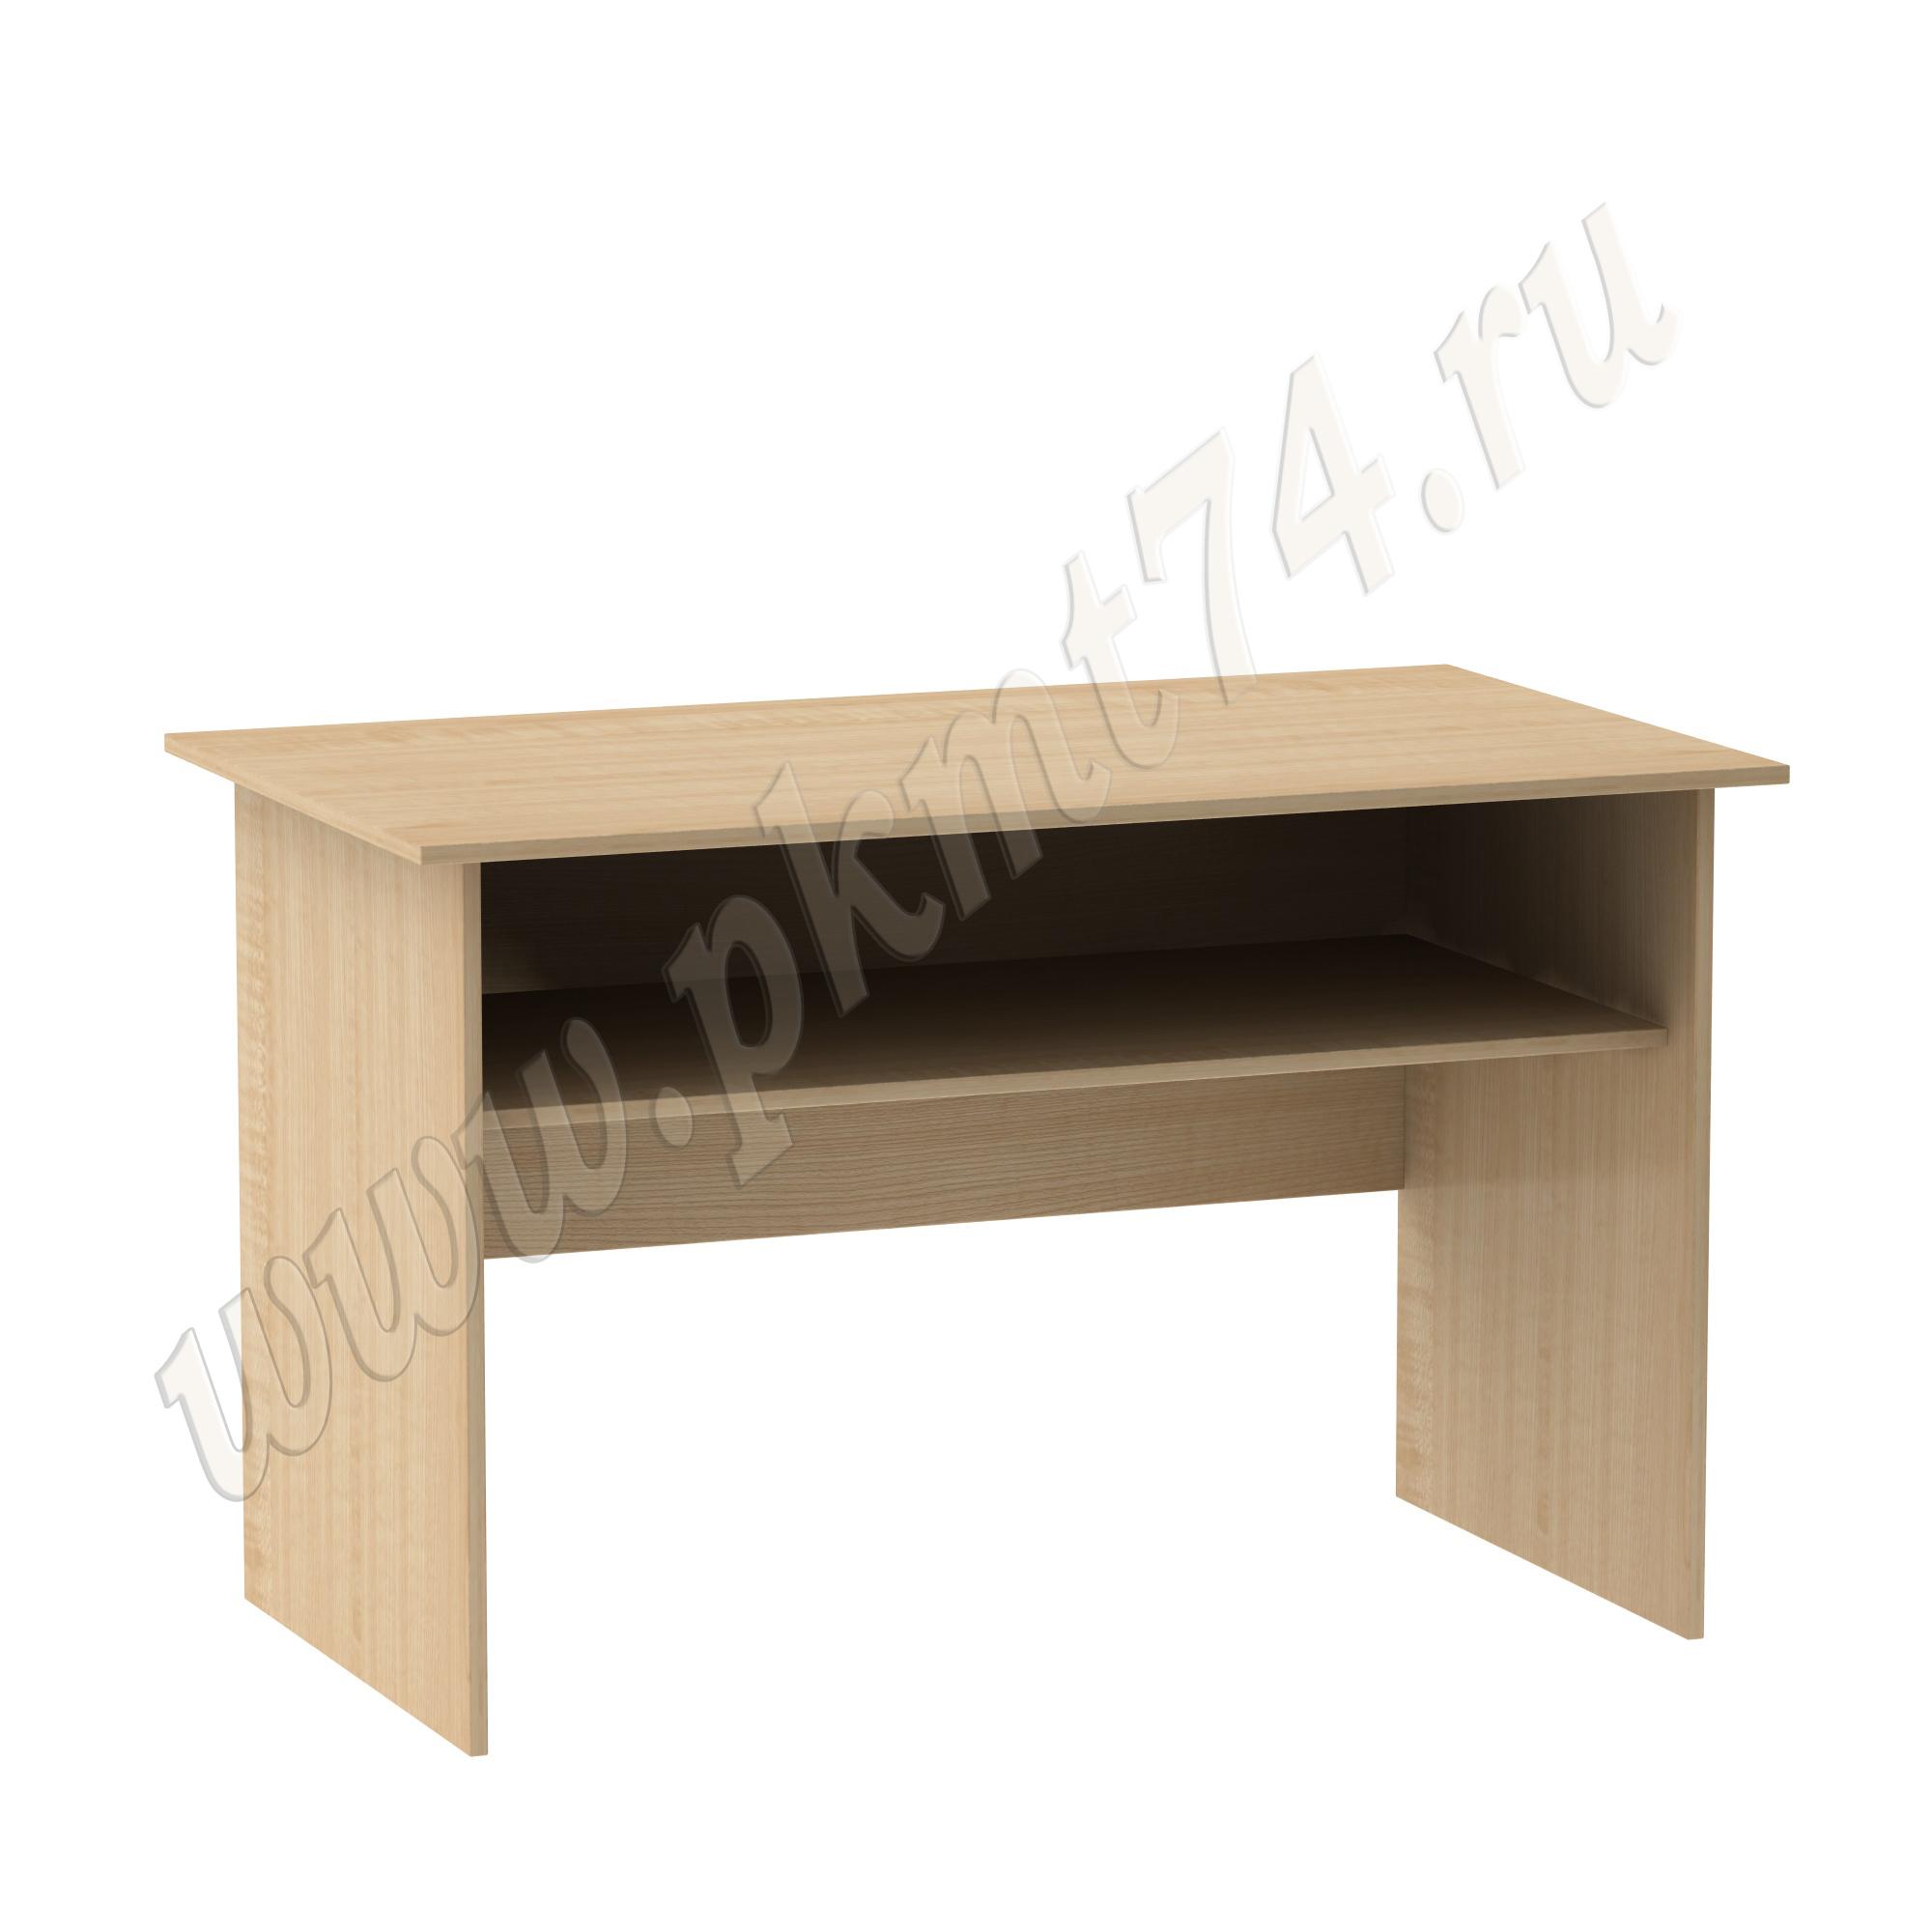 Стол для врача письменный с полкой [Цвет ЛДСП:: Клён]